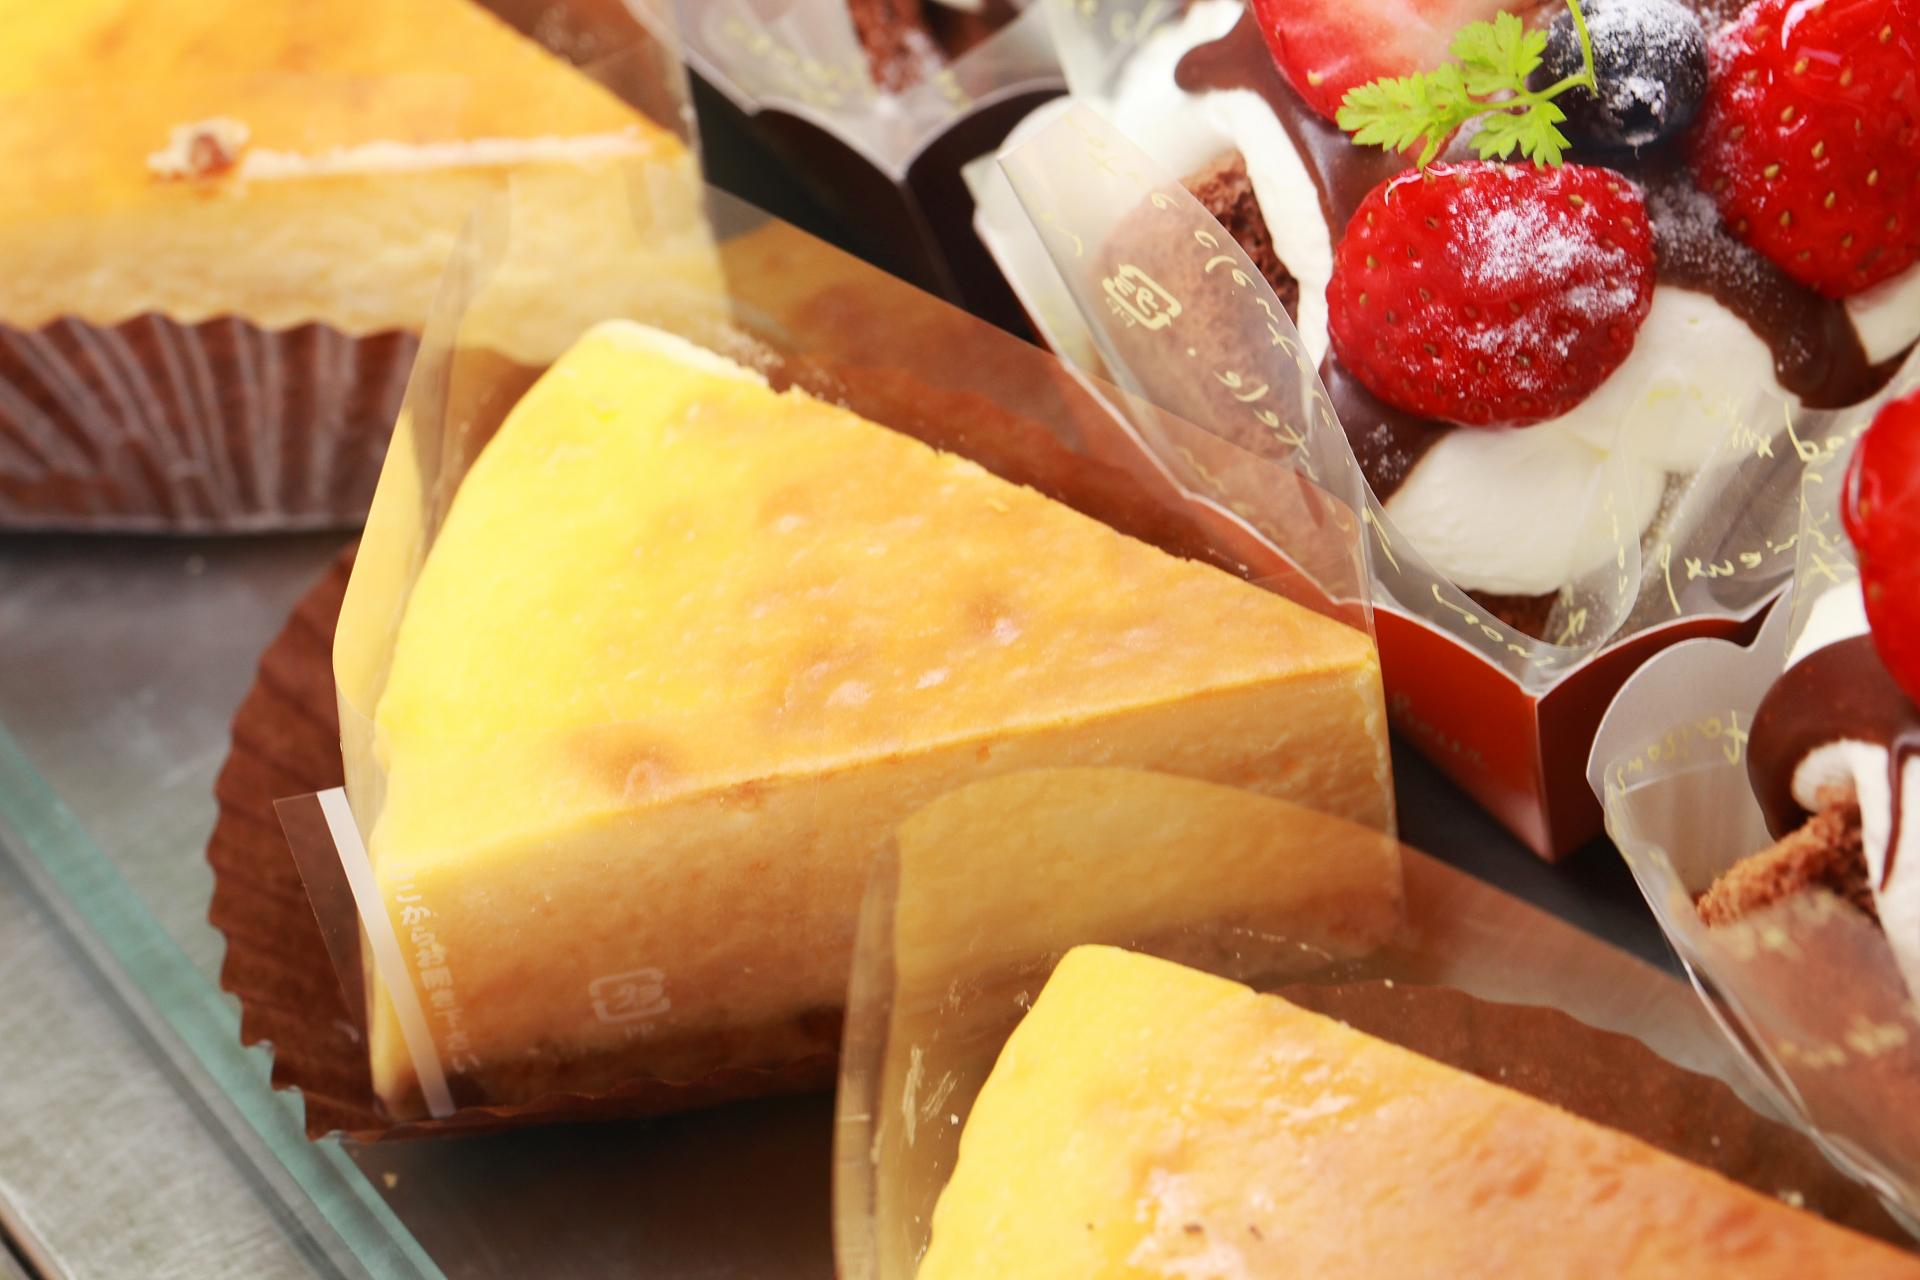 チーズケーキのおすすめ4選!個包装タイプも